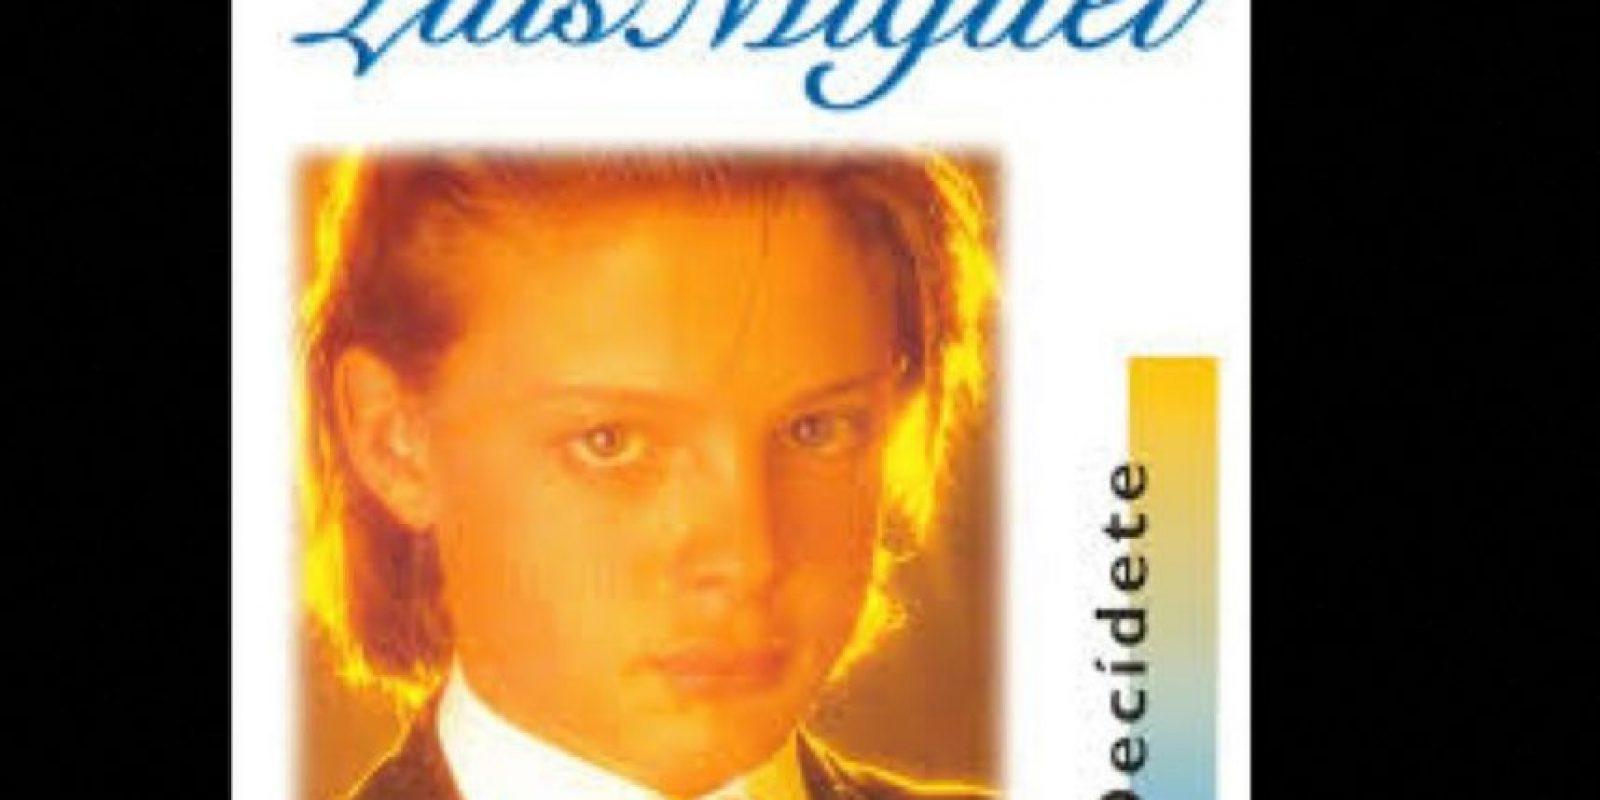 """Luis Miguel comenzó a la tierna edad de 12 años, en 1982. Antes de """"Decídete"""" ya tenía tres álbums de estudio. Foto:Coveralia"""